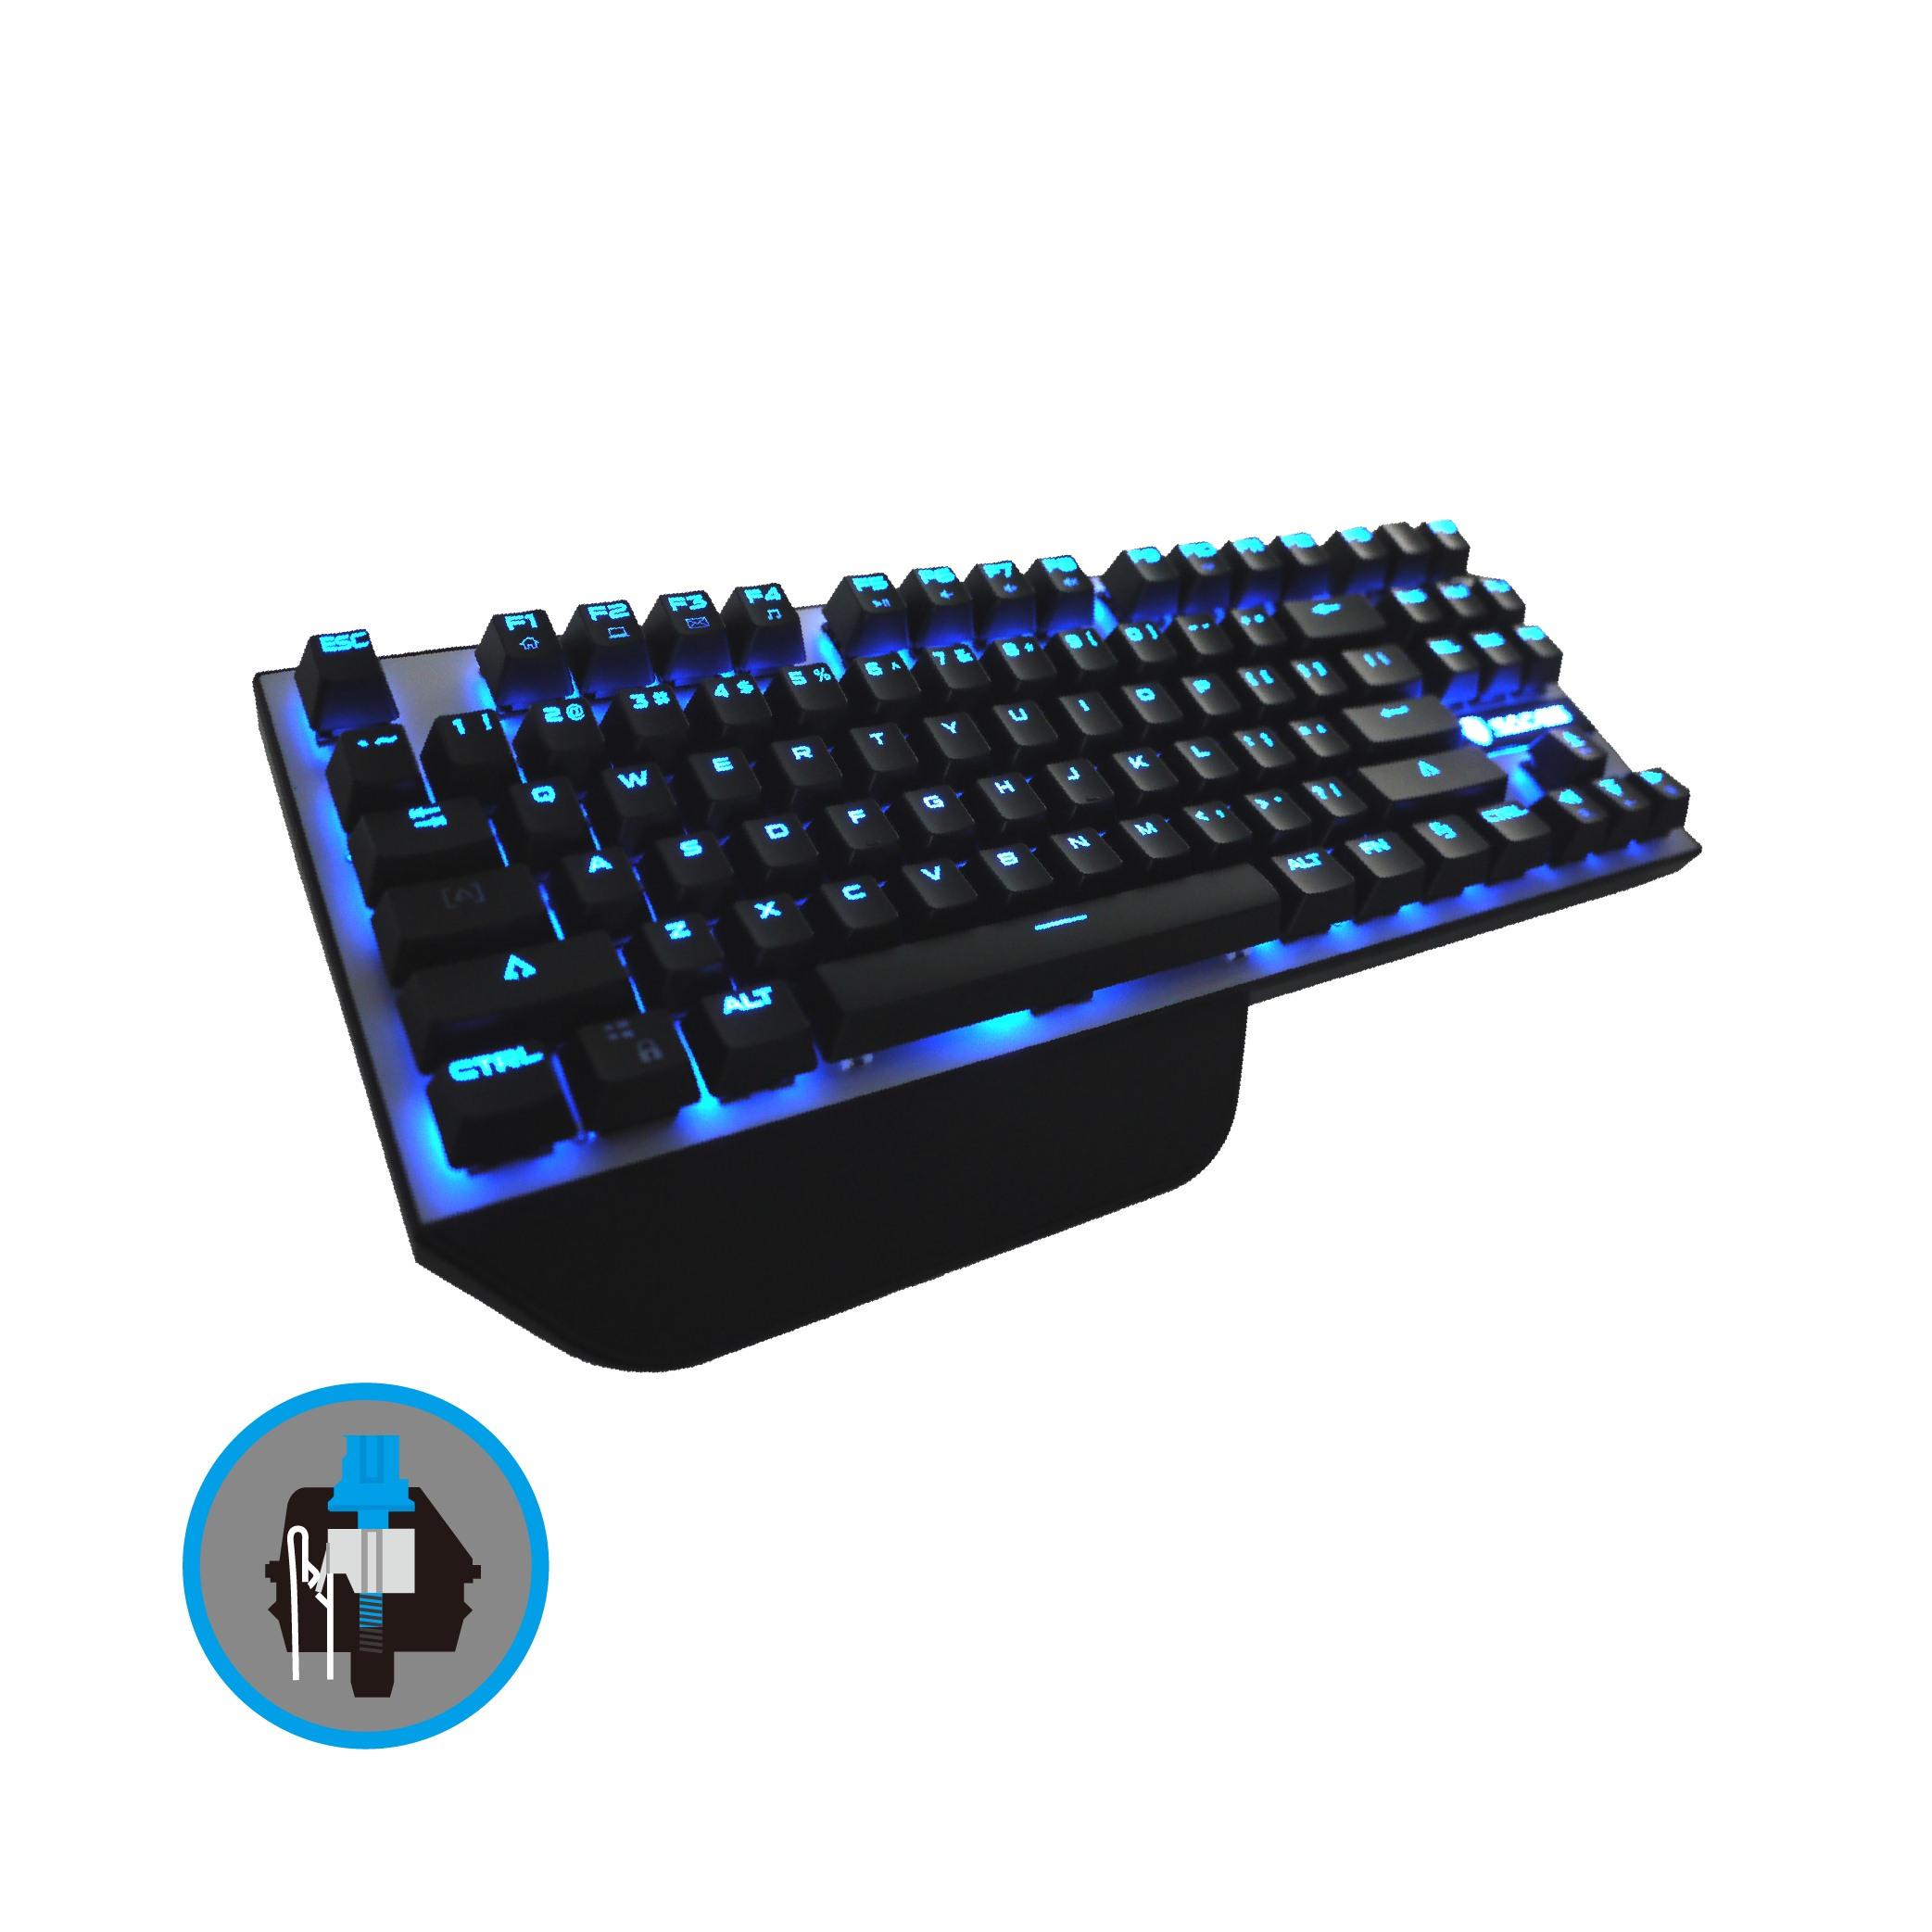 【迪特軍3C】立光代理 SADES 賽德斯 Karambit 狼爪刀 機械式鍵盤 青軸 國際英文版